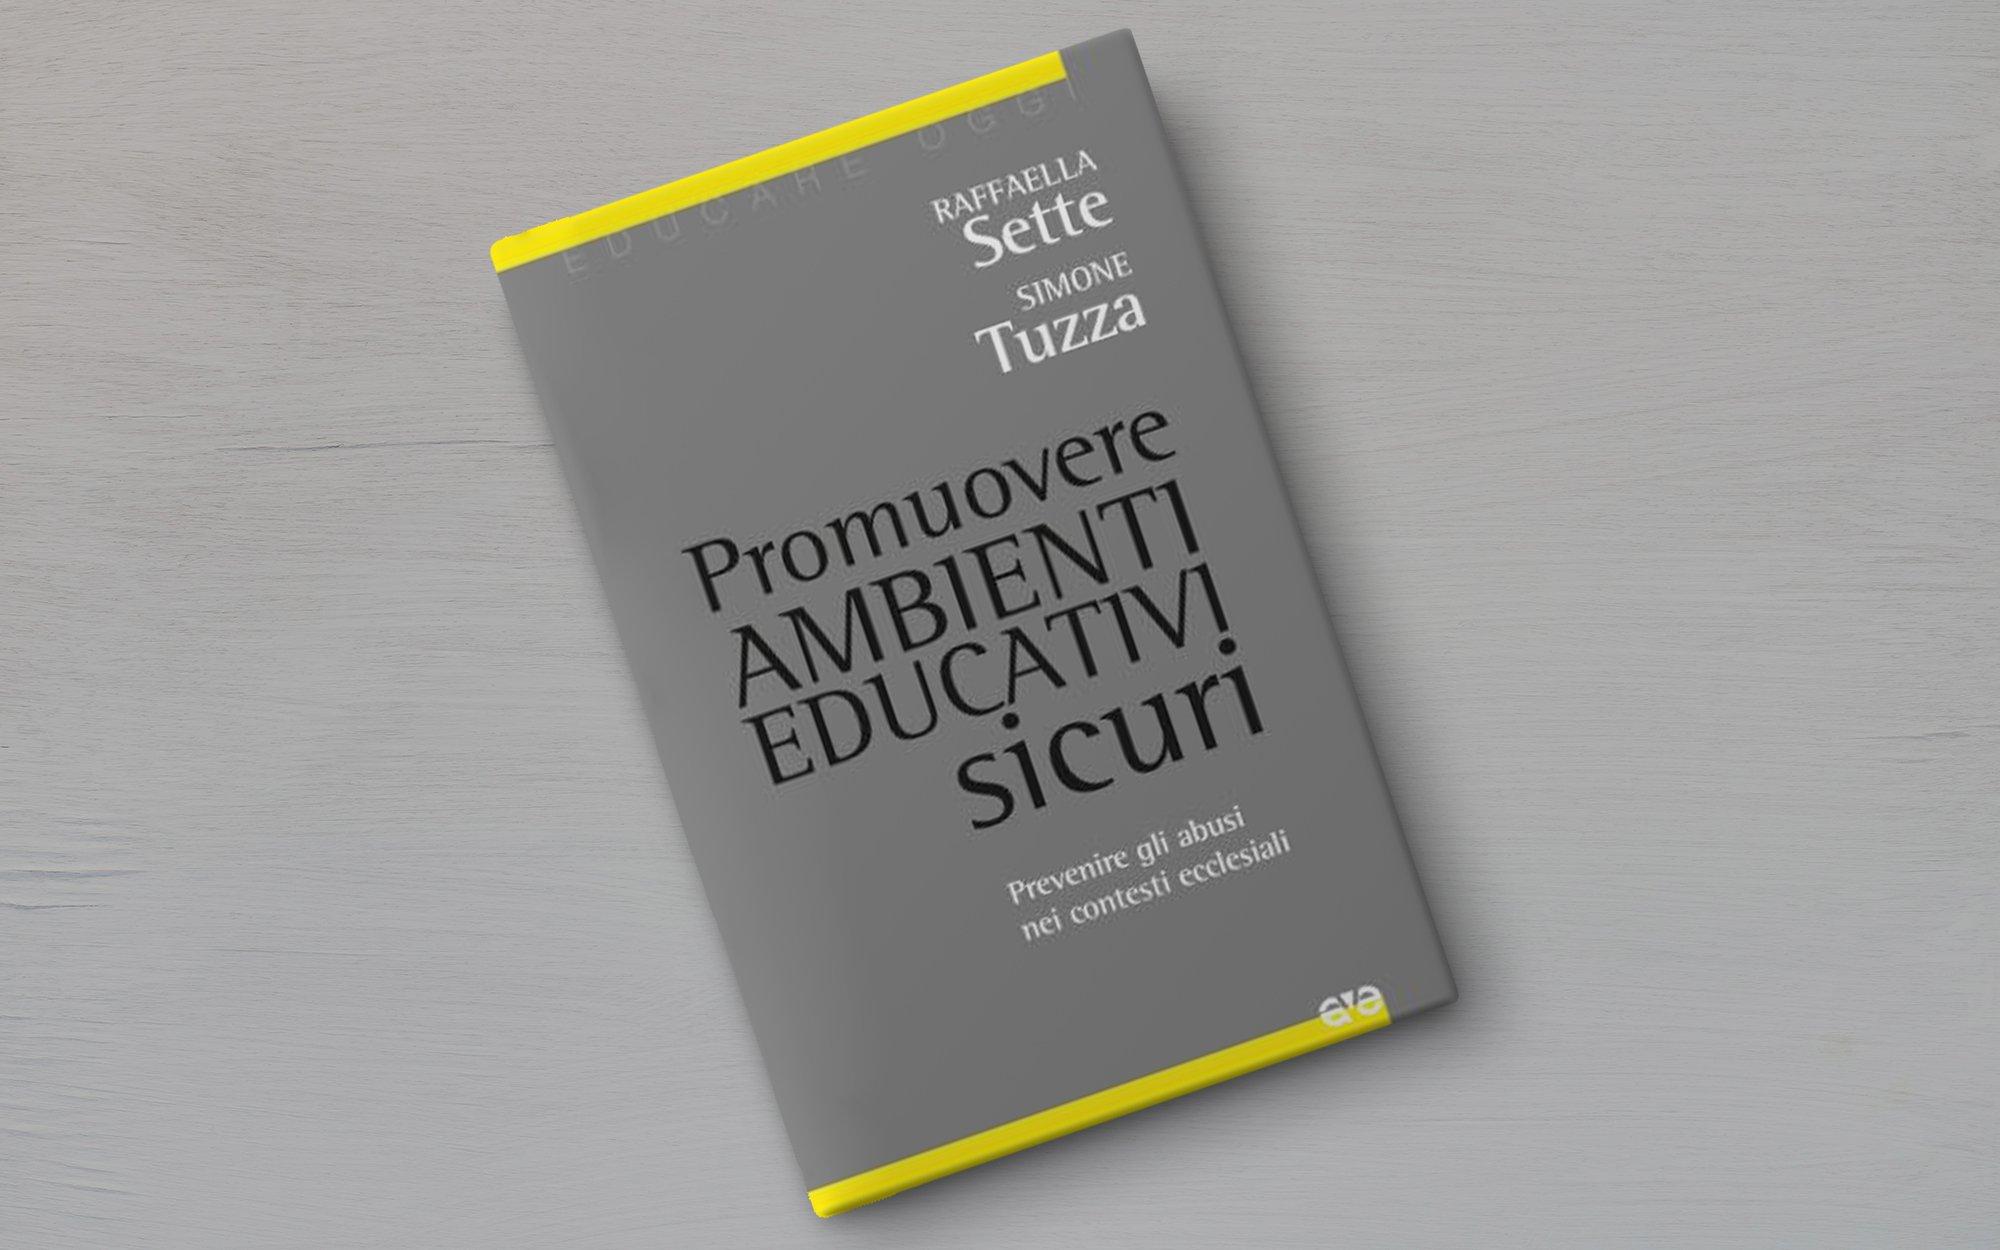 Copertina del libro Promuovere ambienti educativi sicuri